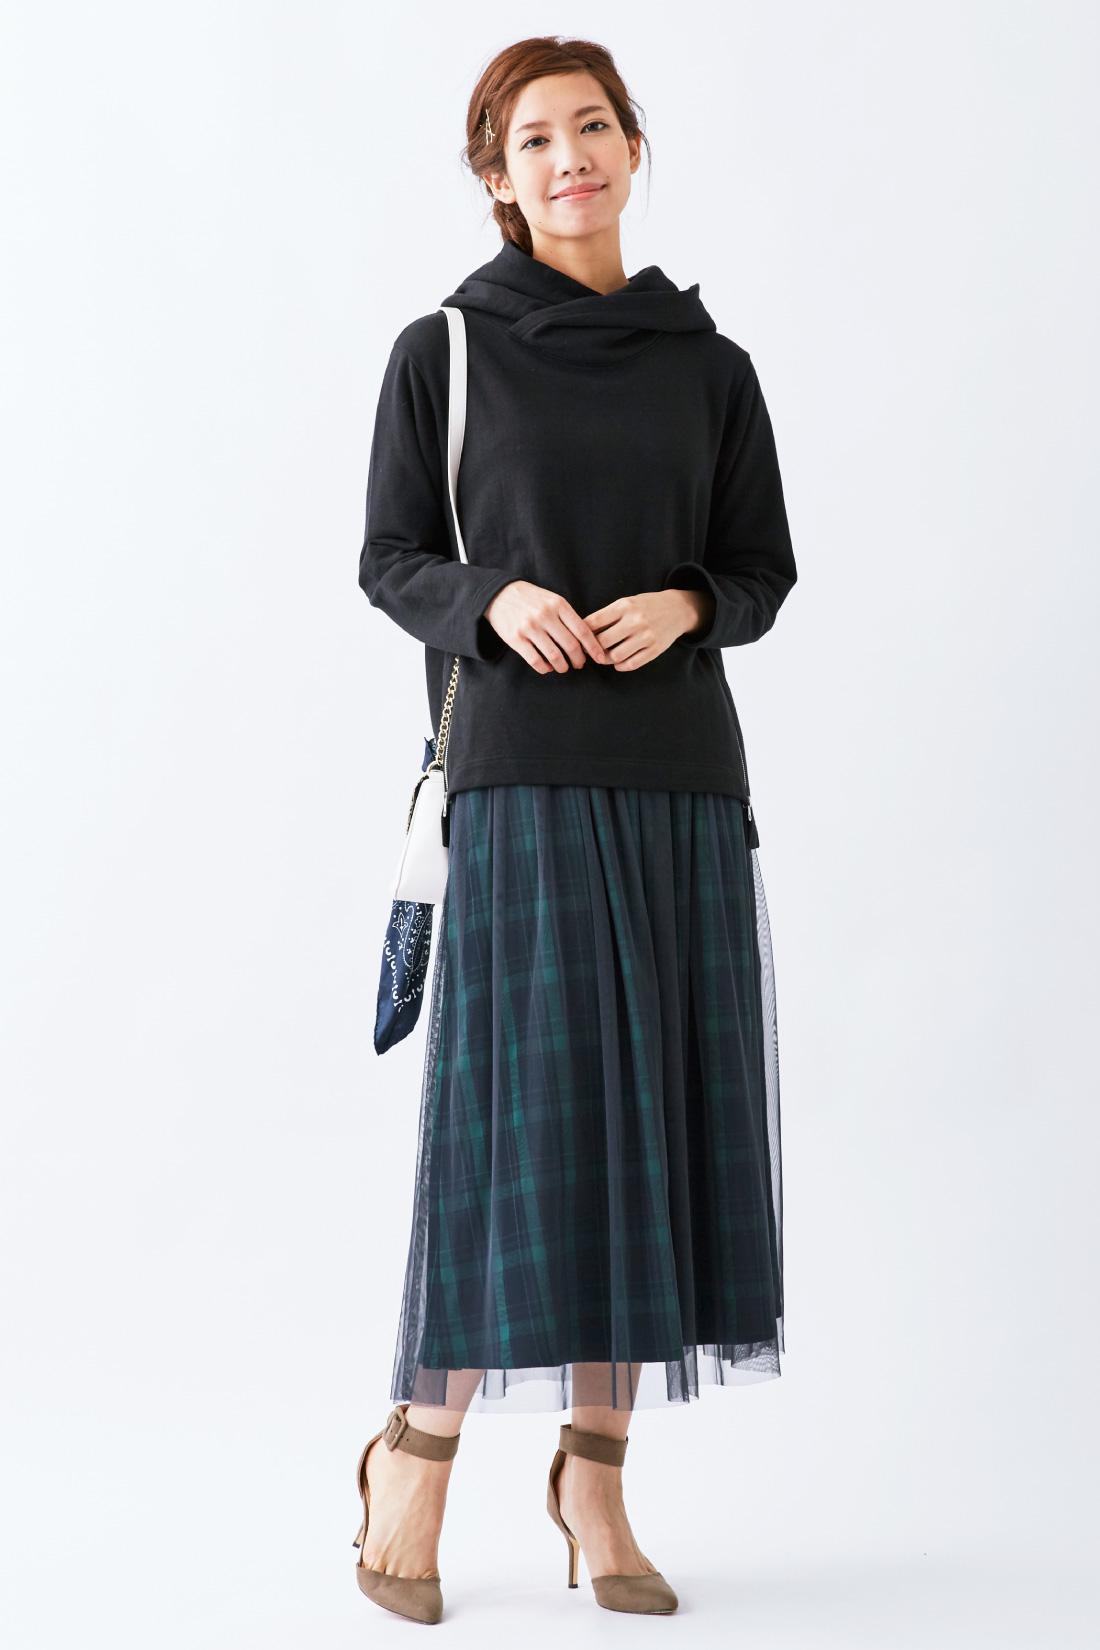 衿高+二枚仕立てフードのボリューム感が「着るだけで、おしゃれな印象」になれるポイント。小顔見え効果も。